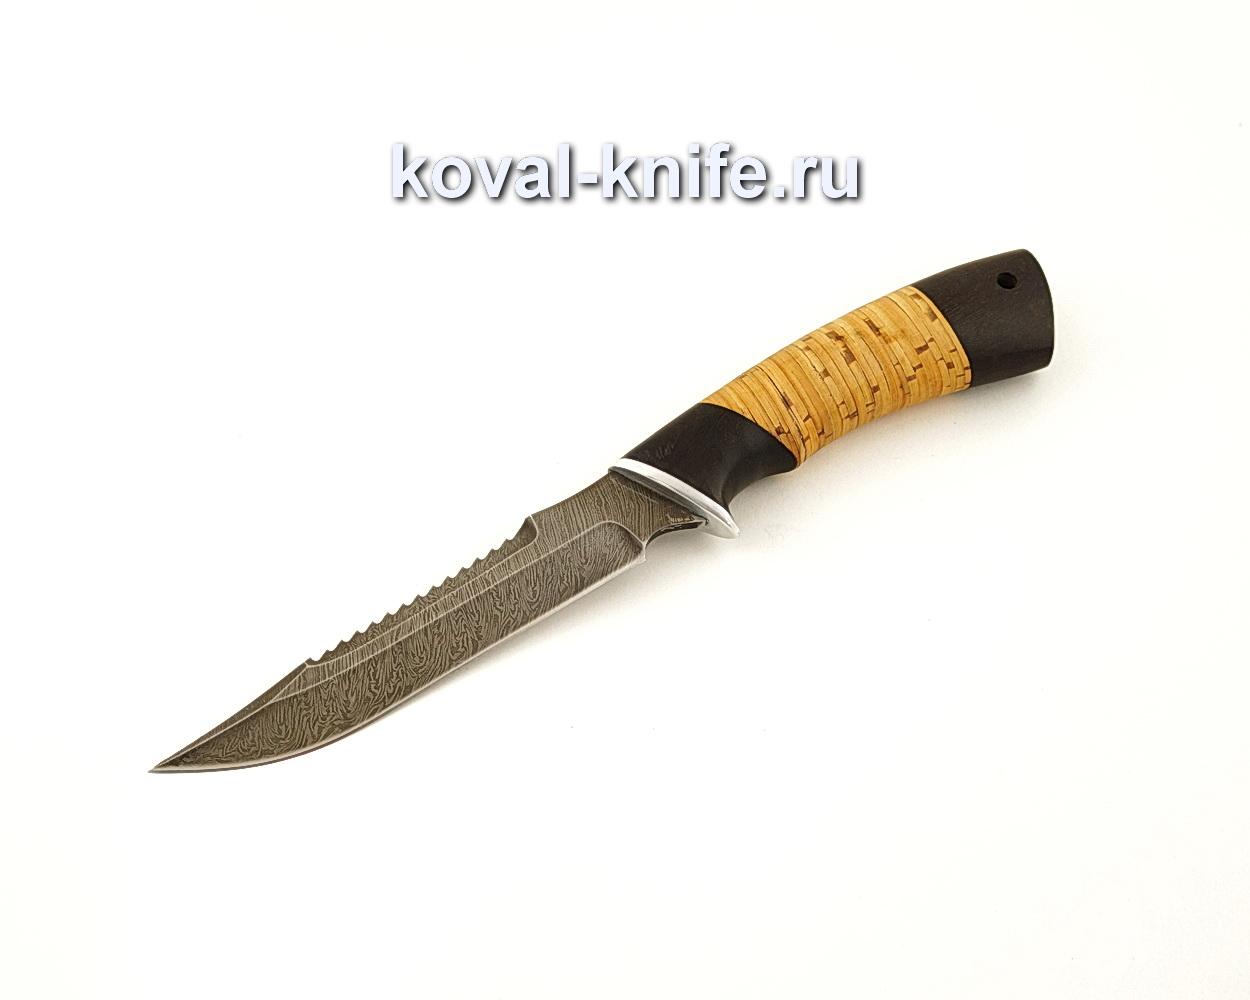 Нож Рыбацкий из дамасской стали с рукоятью из бересты и граба  A661